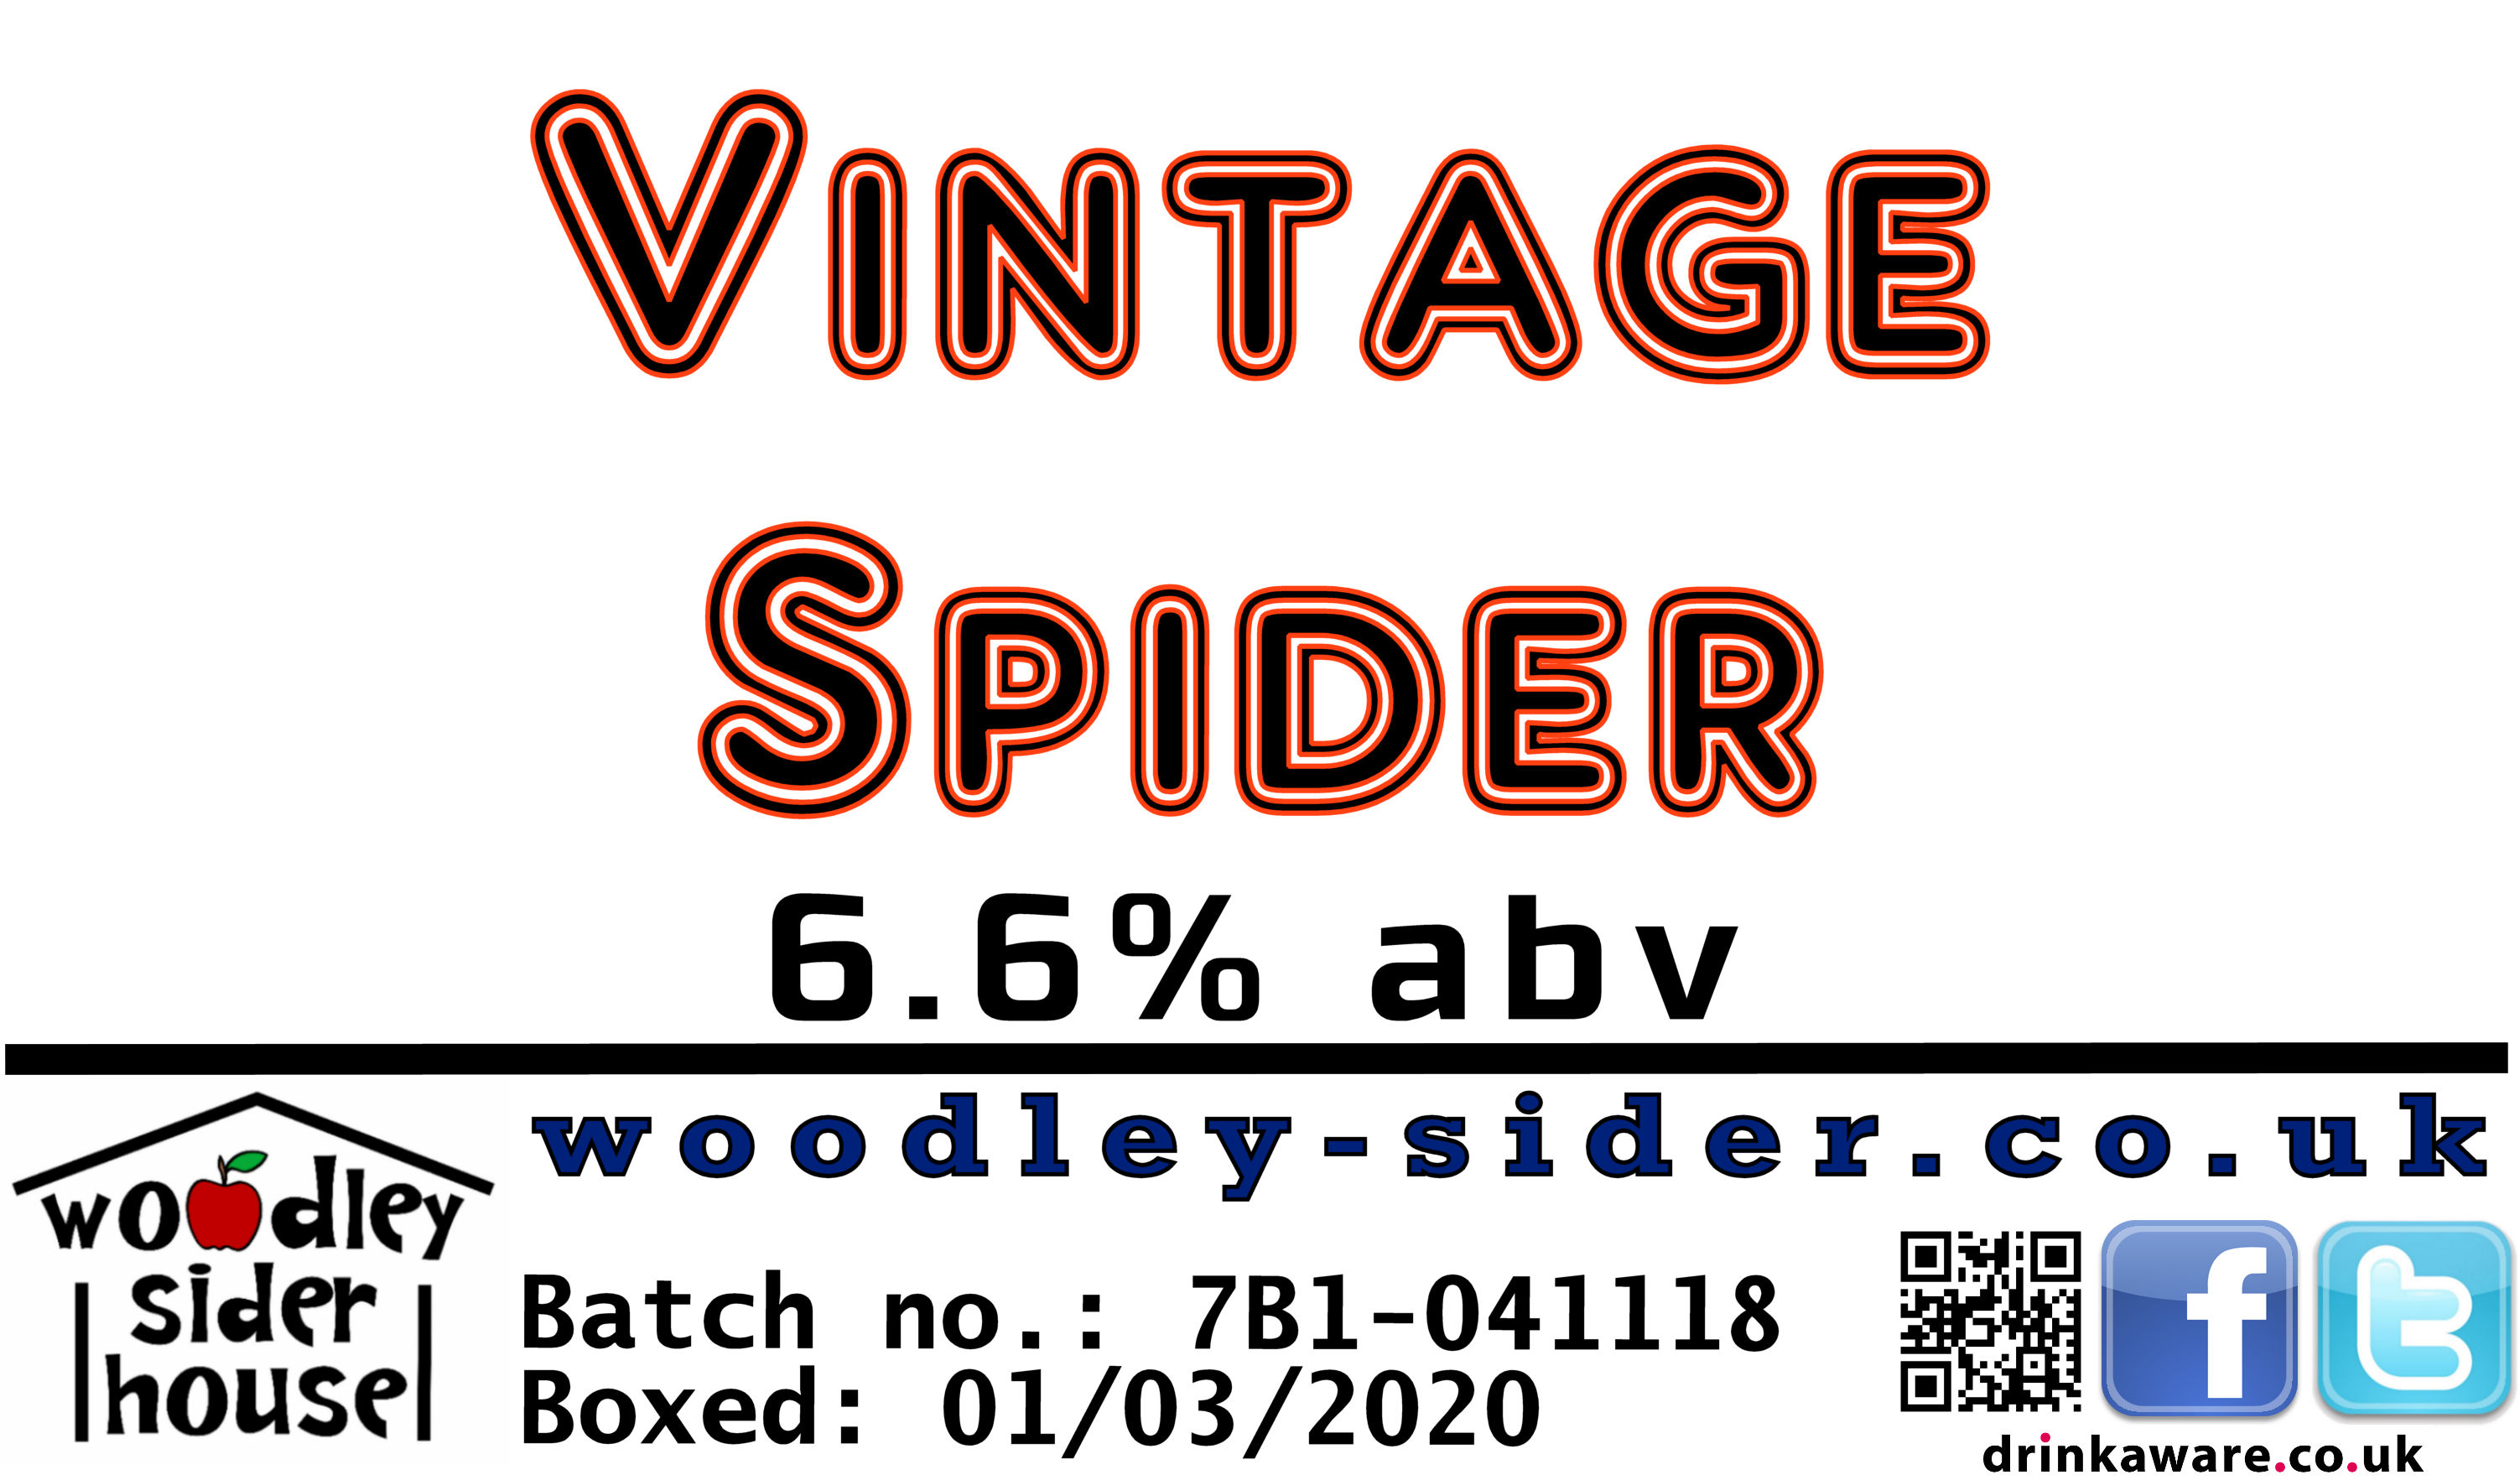 Vintage Spider